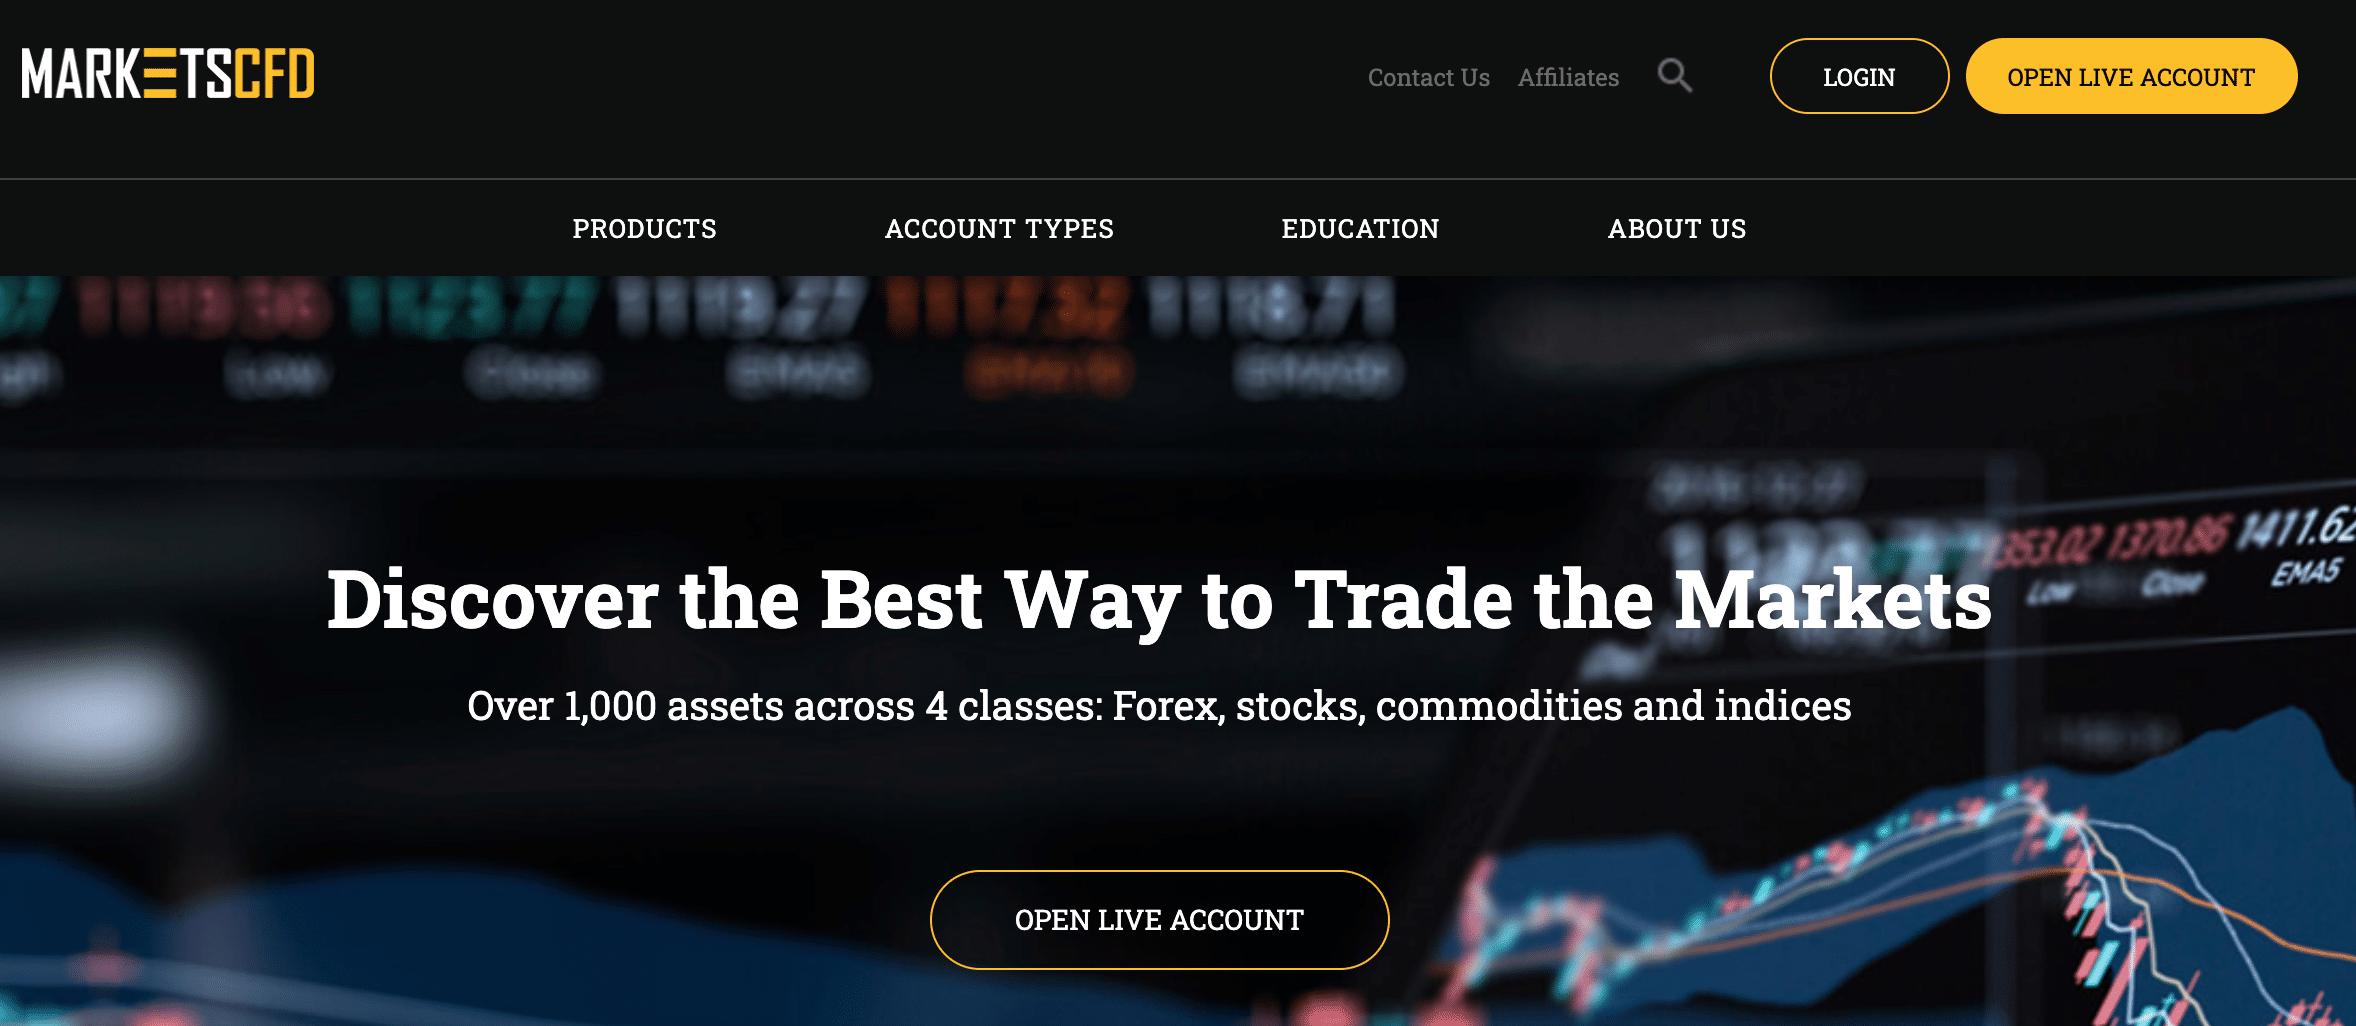 MarketsCFD è una Truffa? Opinioni e recensioni